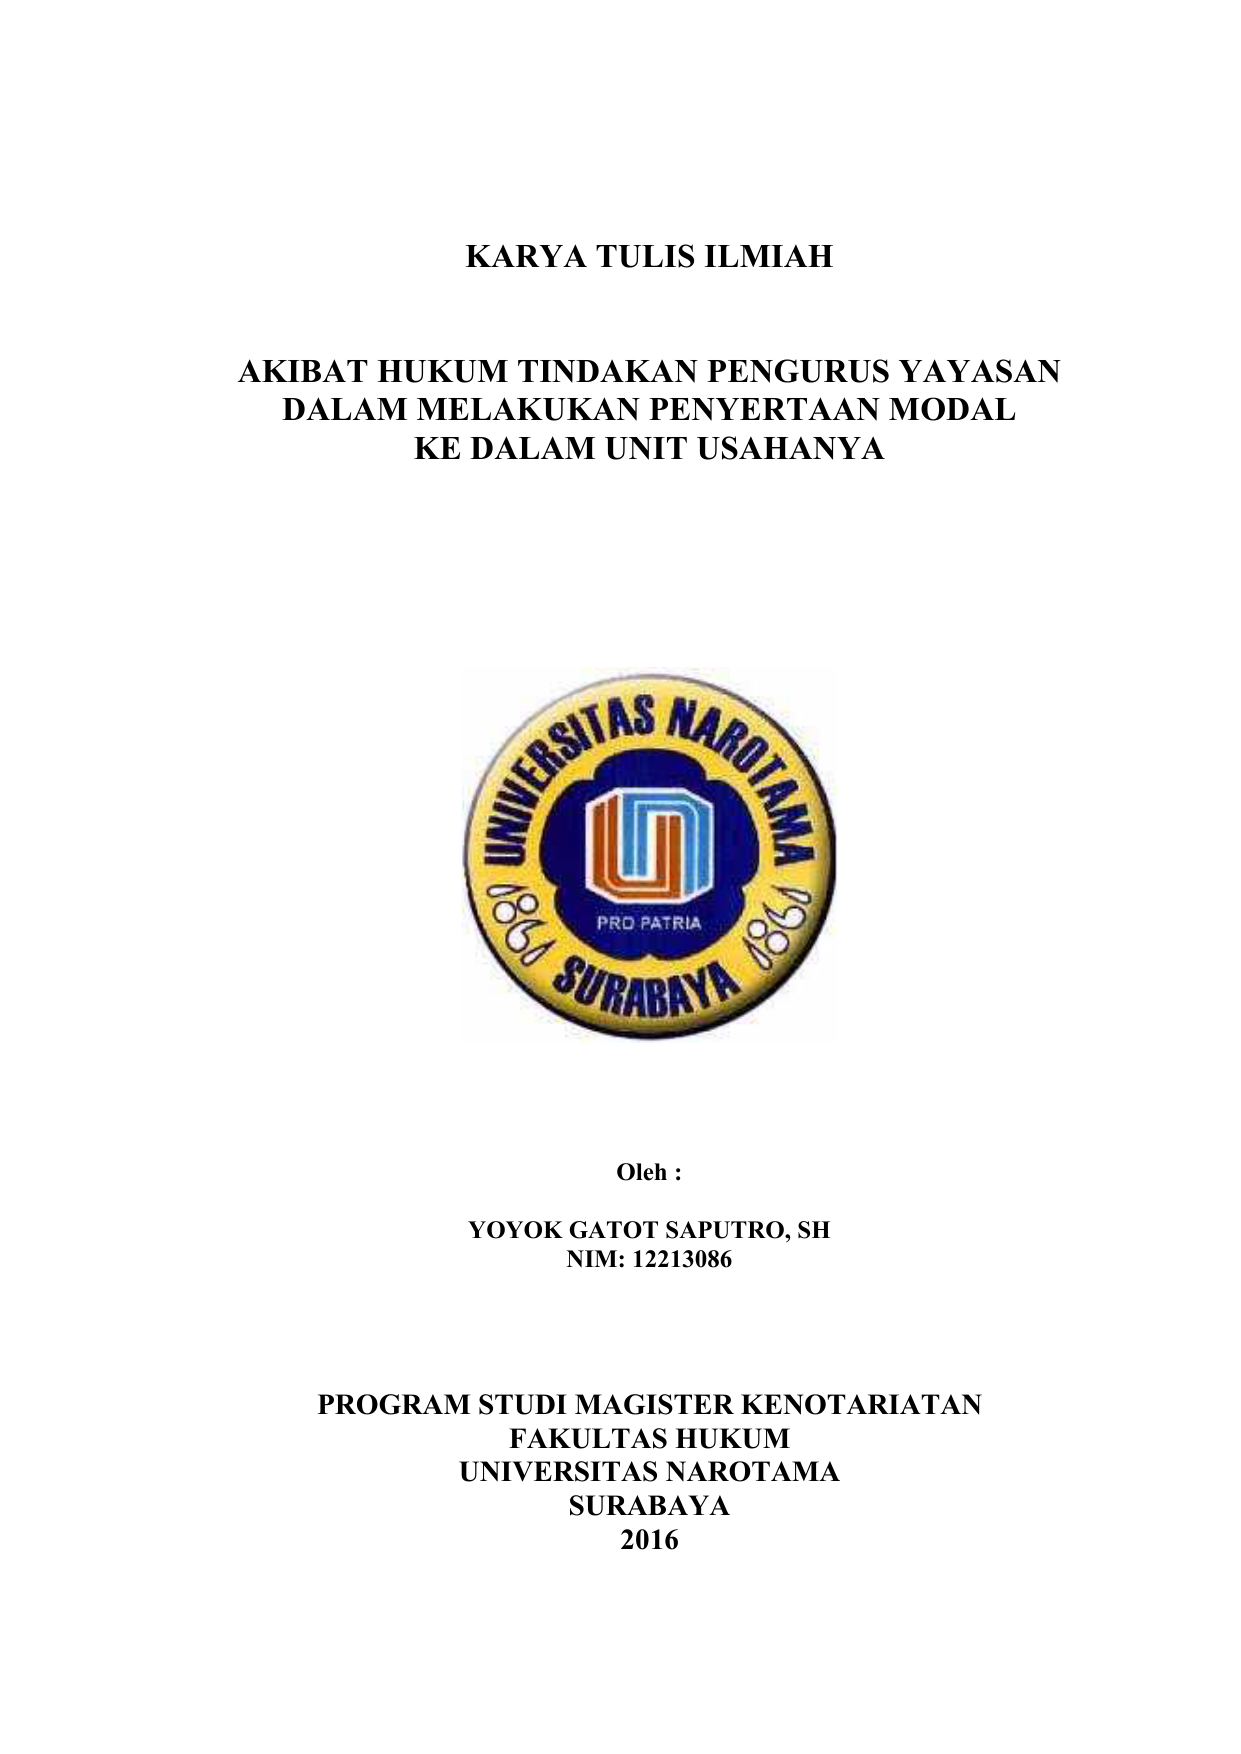 Karya Tulis Ilmiah Akibat Hukum Tindakan Pengurus Yayasan Dalam